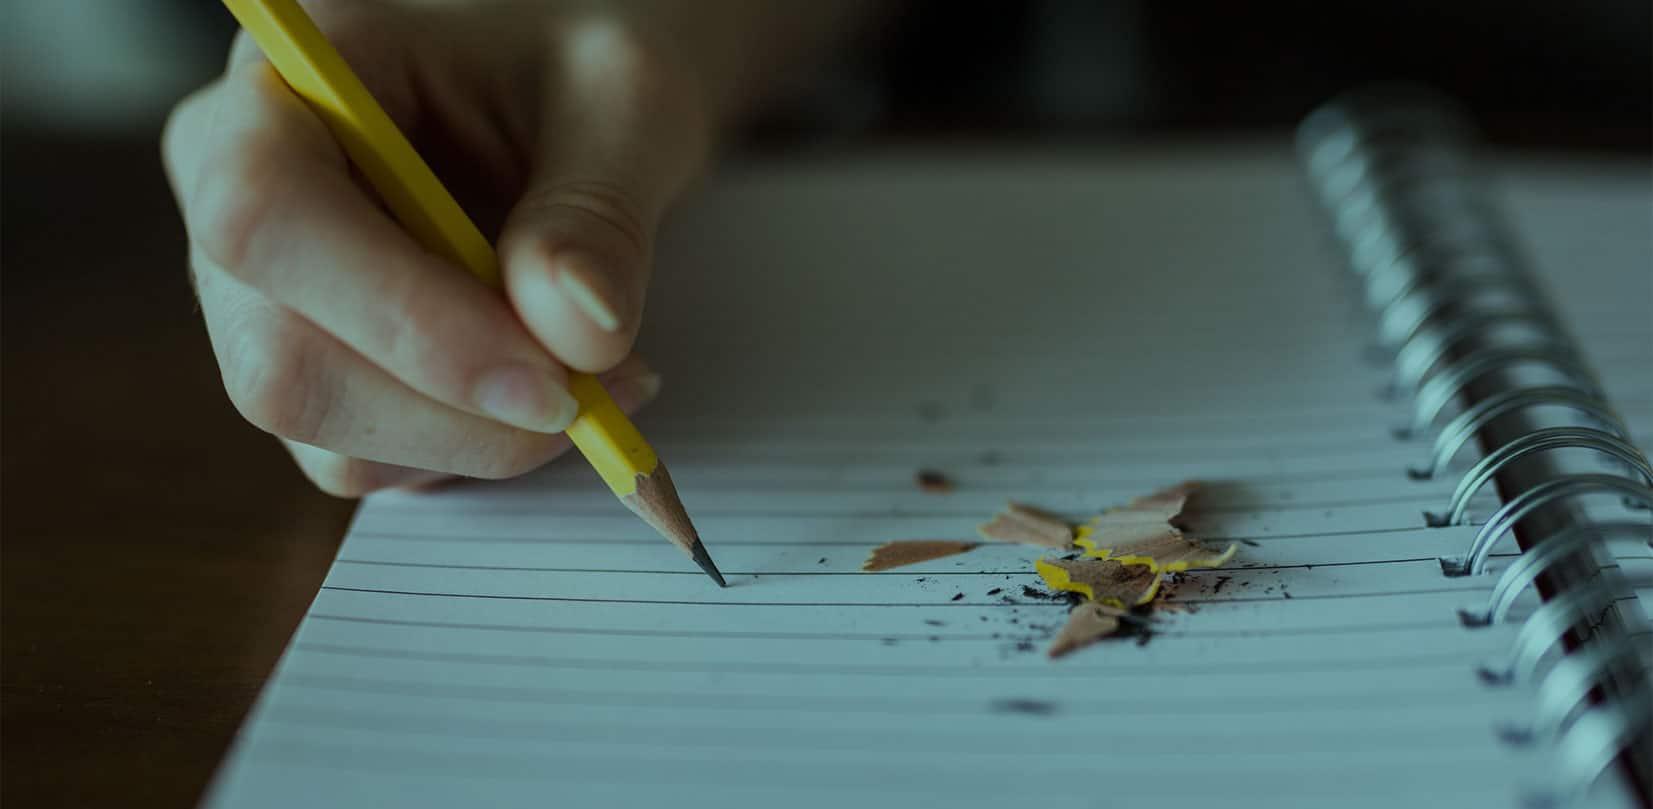 Terapia: A Escrita como ferramenta para reduzir a ansiedade